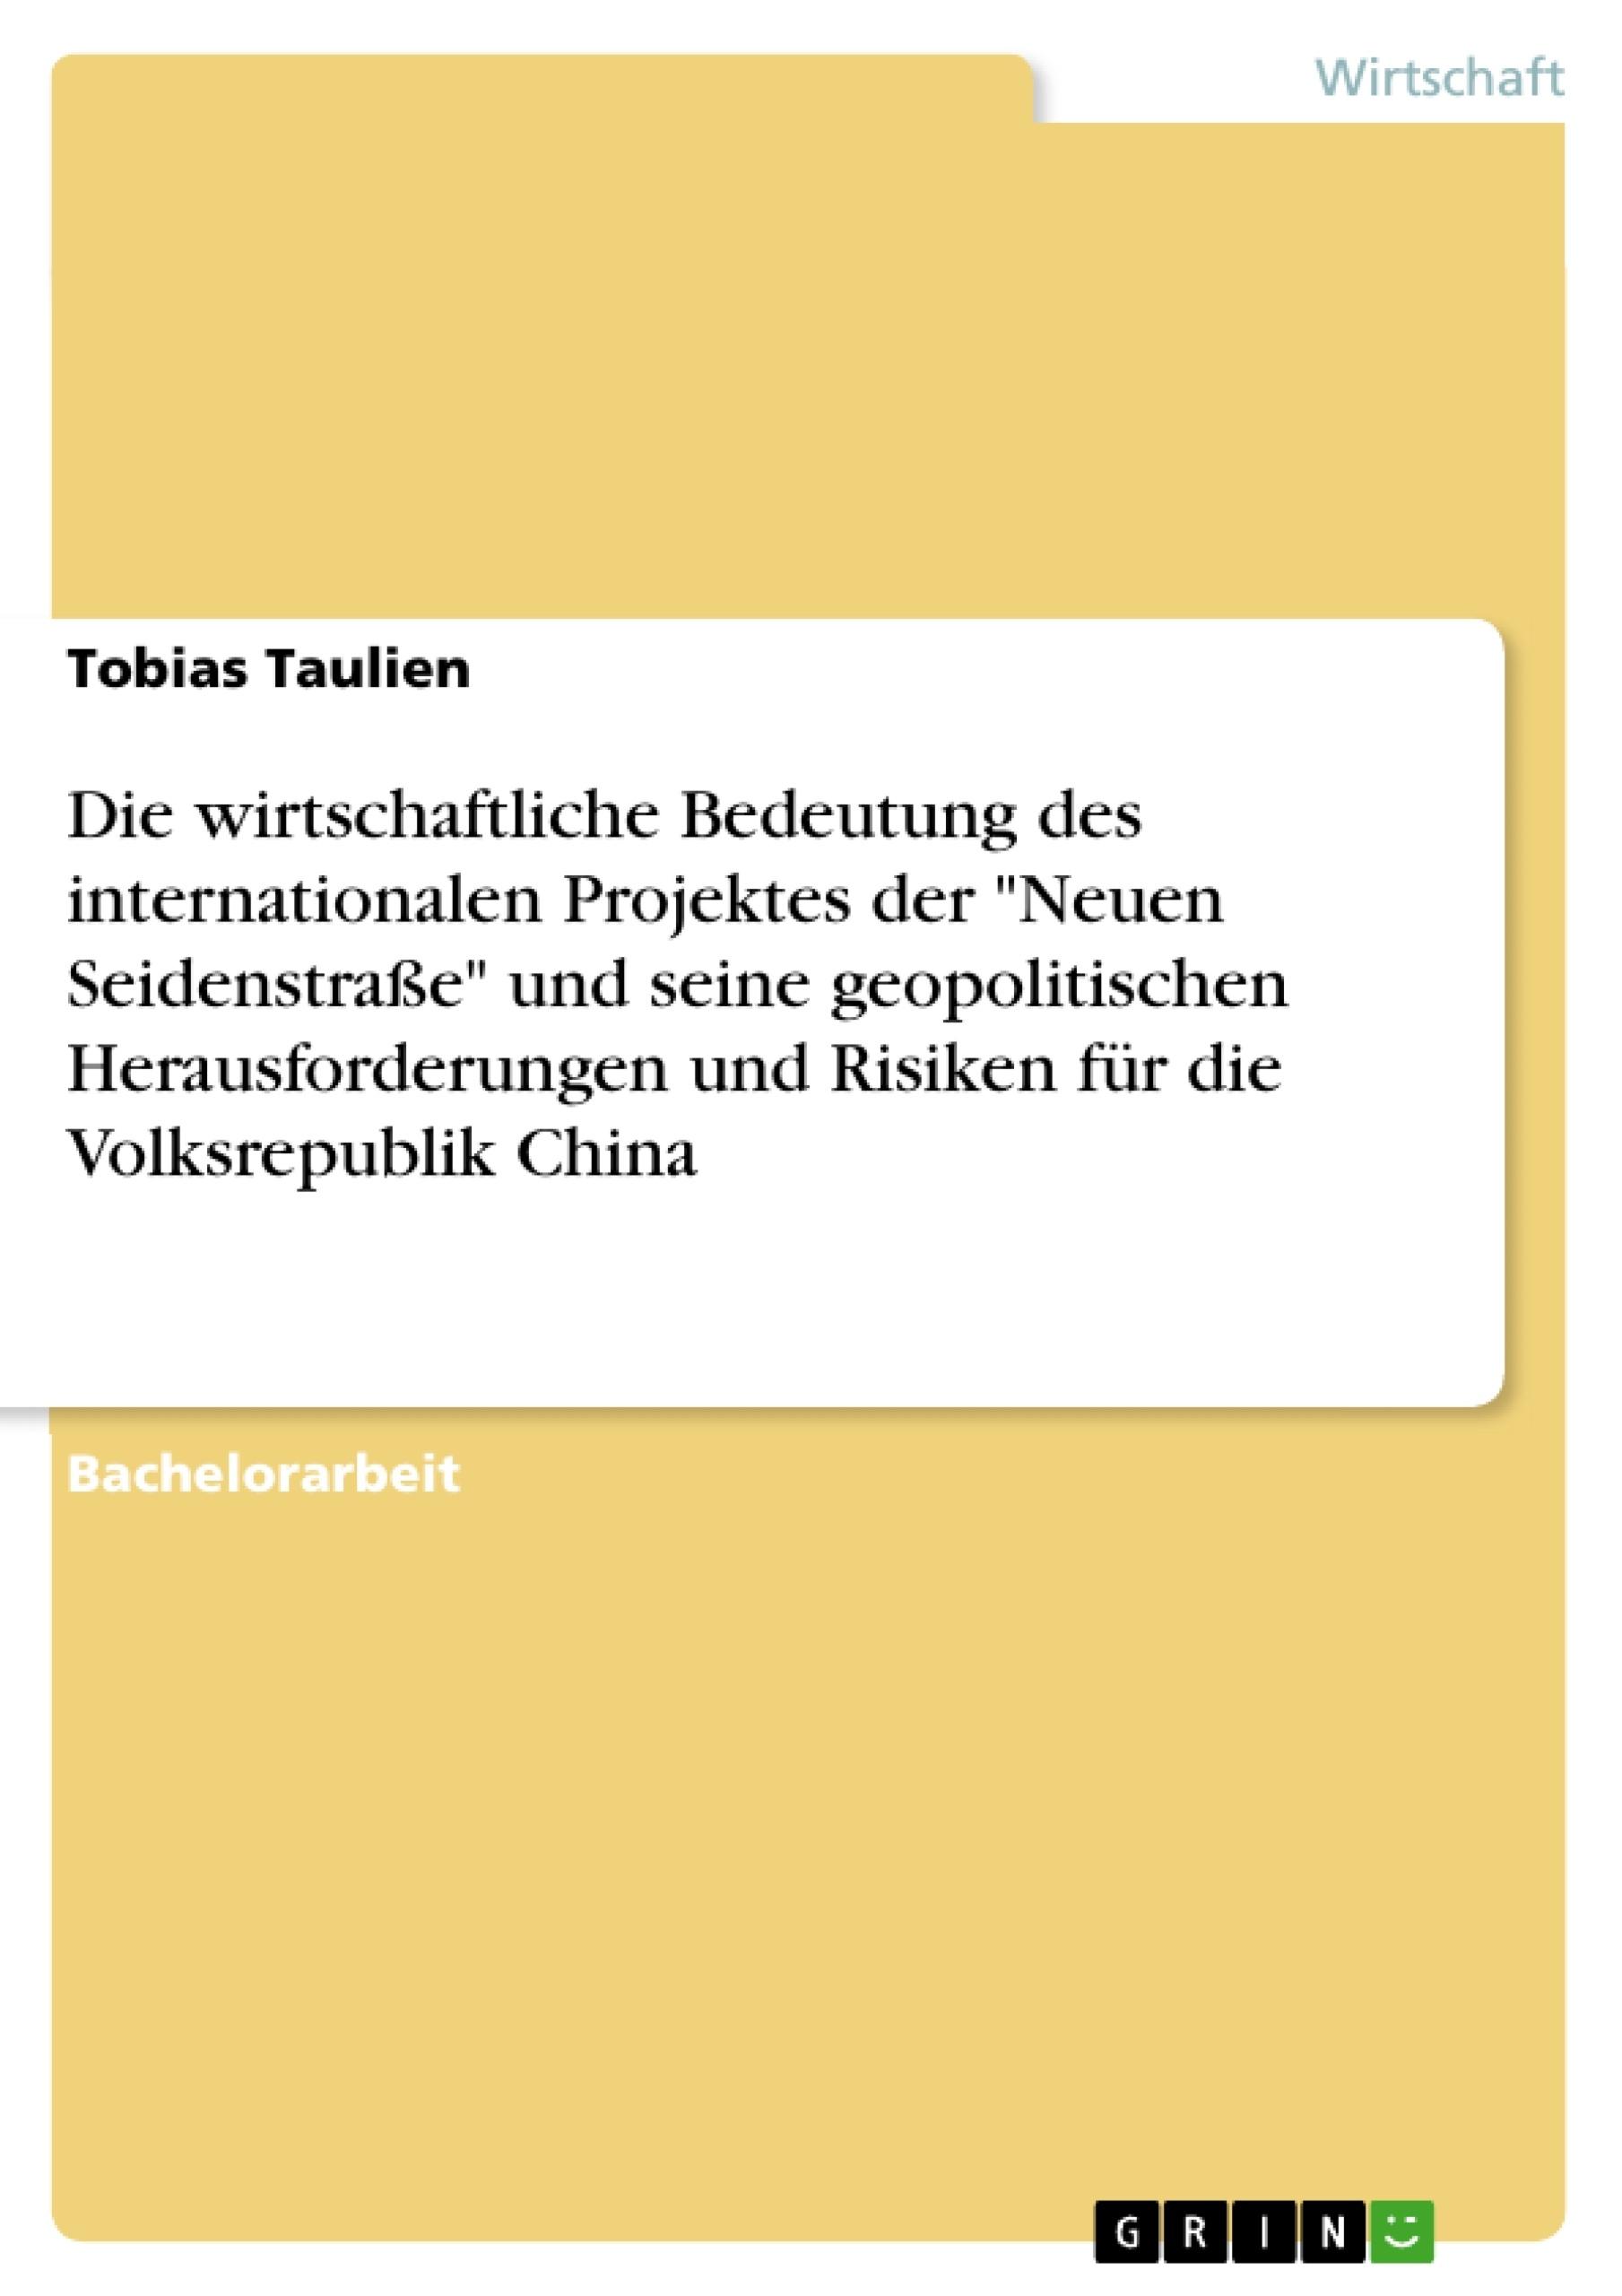 """Titel: Die wirtschaftliche Bedeutung des internationalen Projektes der """"Neuen Seidenstraße"""" und seine geopolitischen Herausforderungen und Risiken für die Volksrepublik China"""